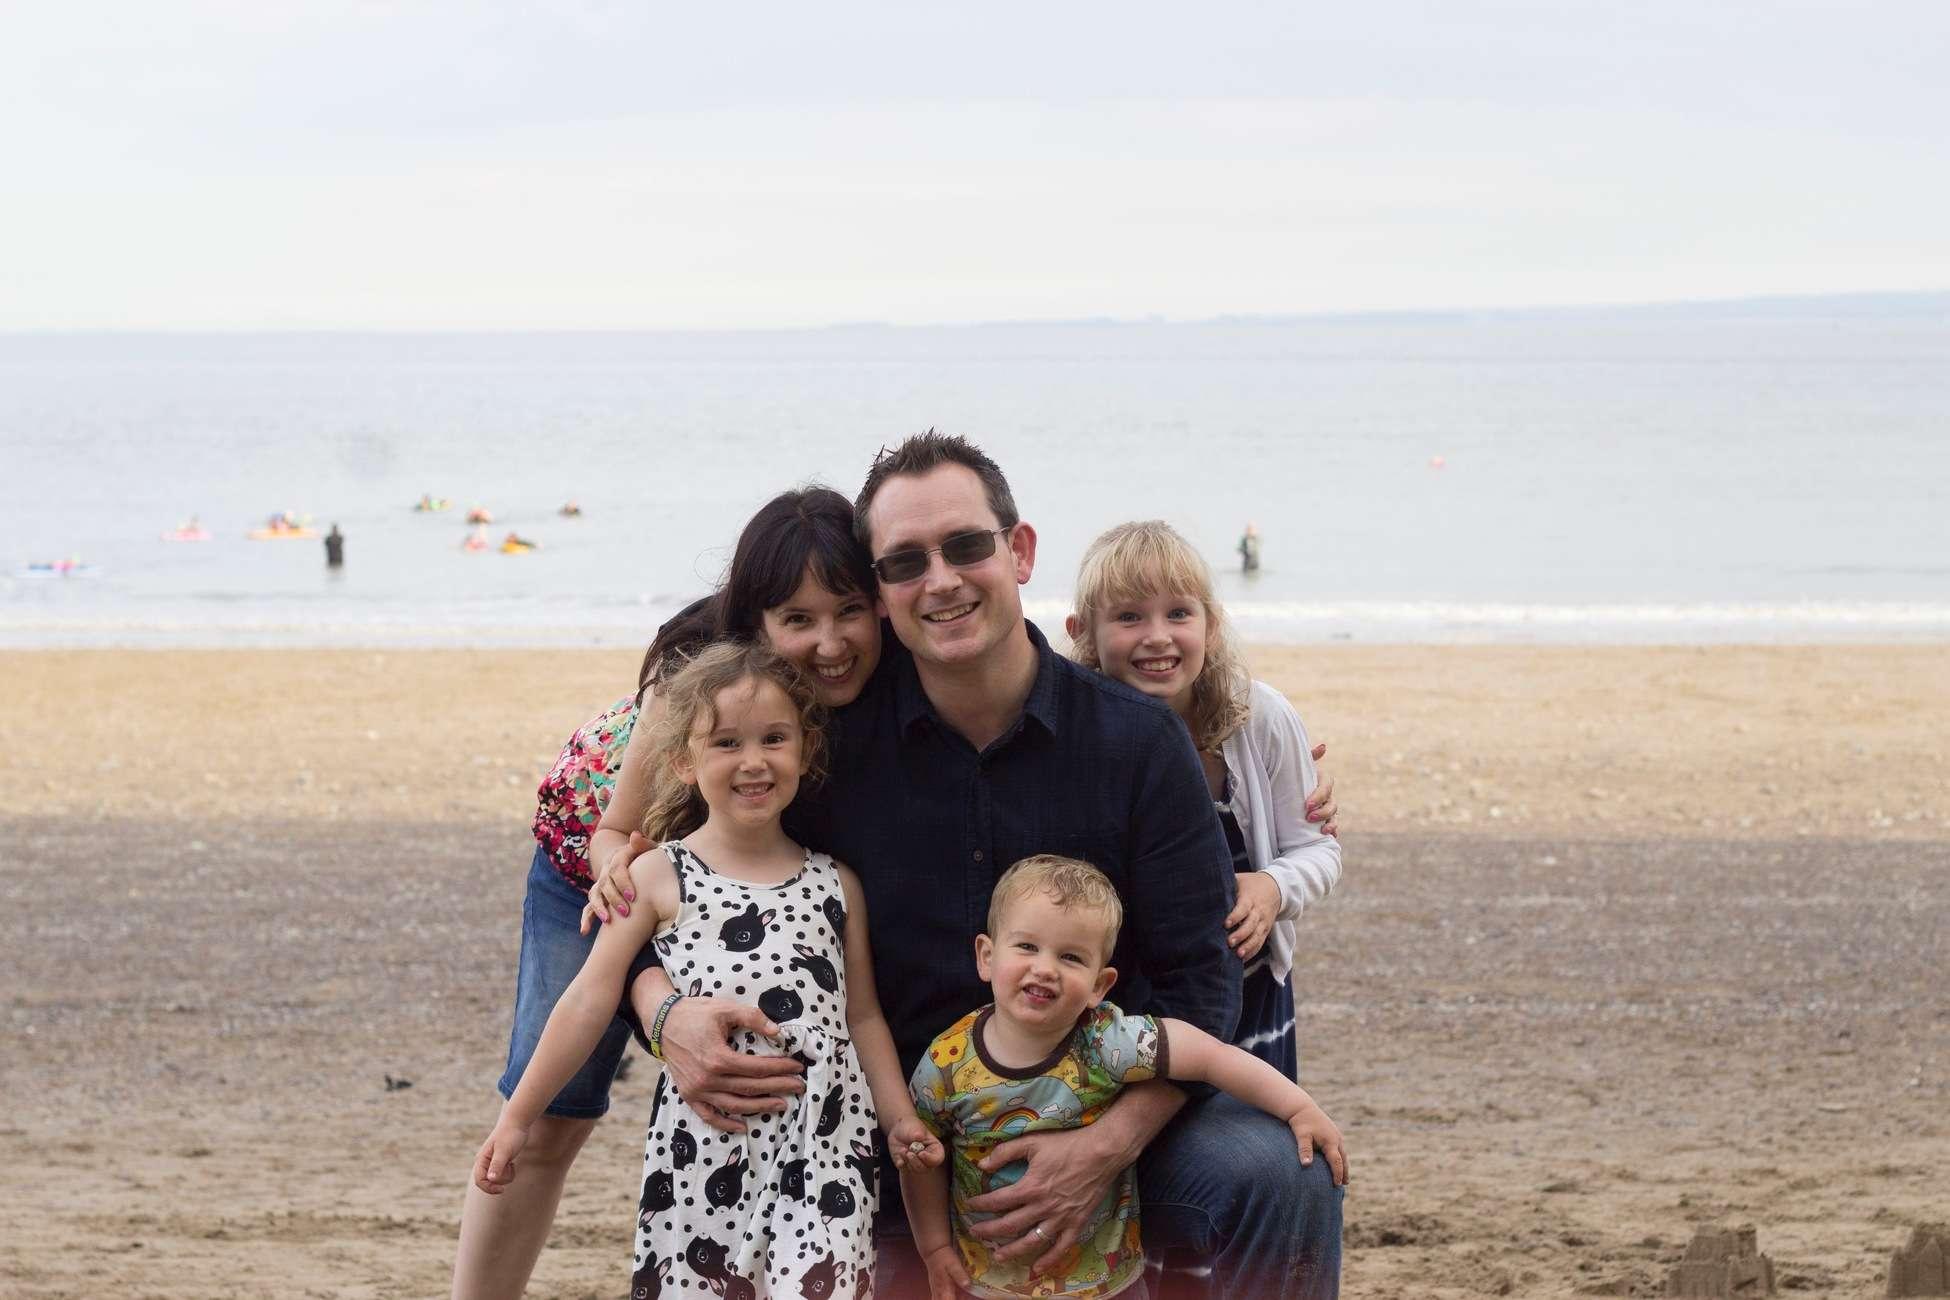 family photo july 2016